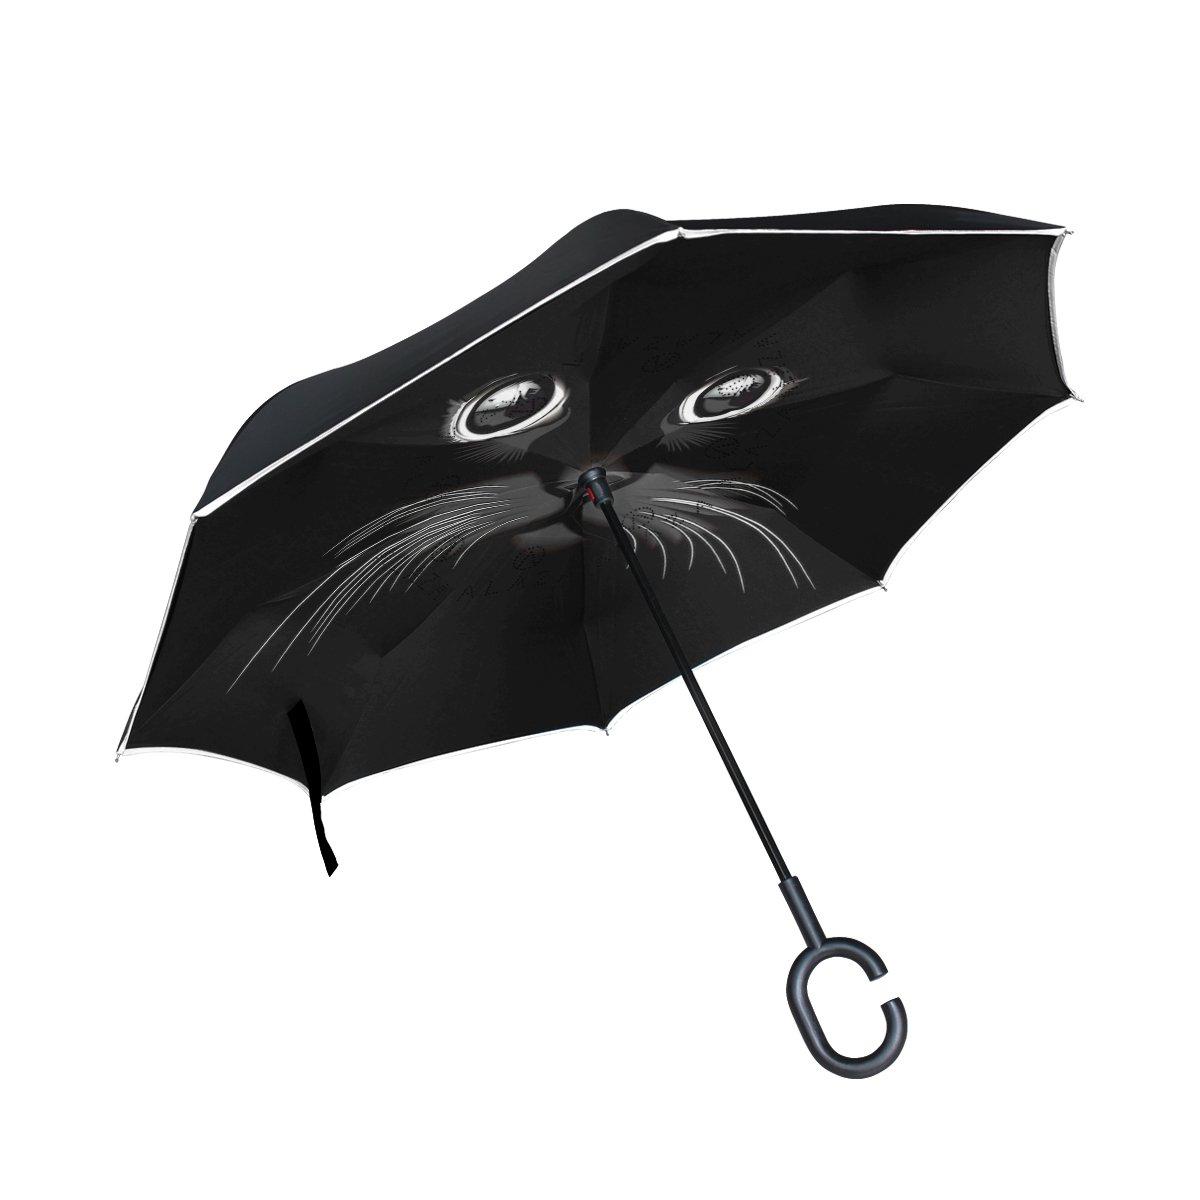 Isaoa Grand parapluie inversé Parapluie coupe-vent double couche Construction inversée Parapluie pliable pour une utilisation de voiture, poignée en forme parapluie Chat Noir Parapluie pour homme et femme